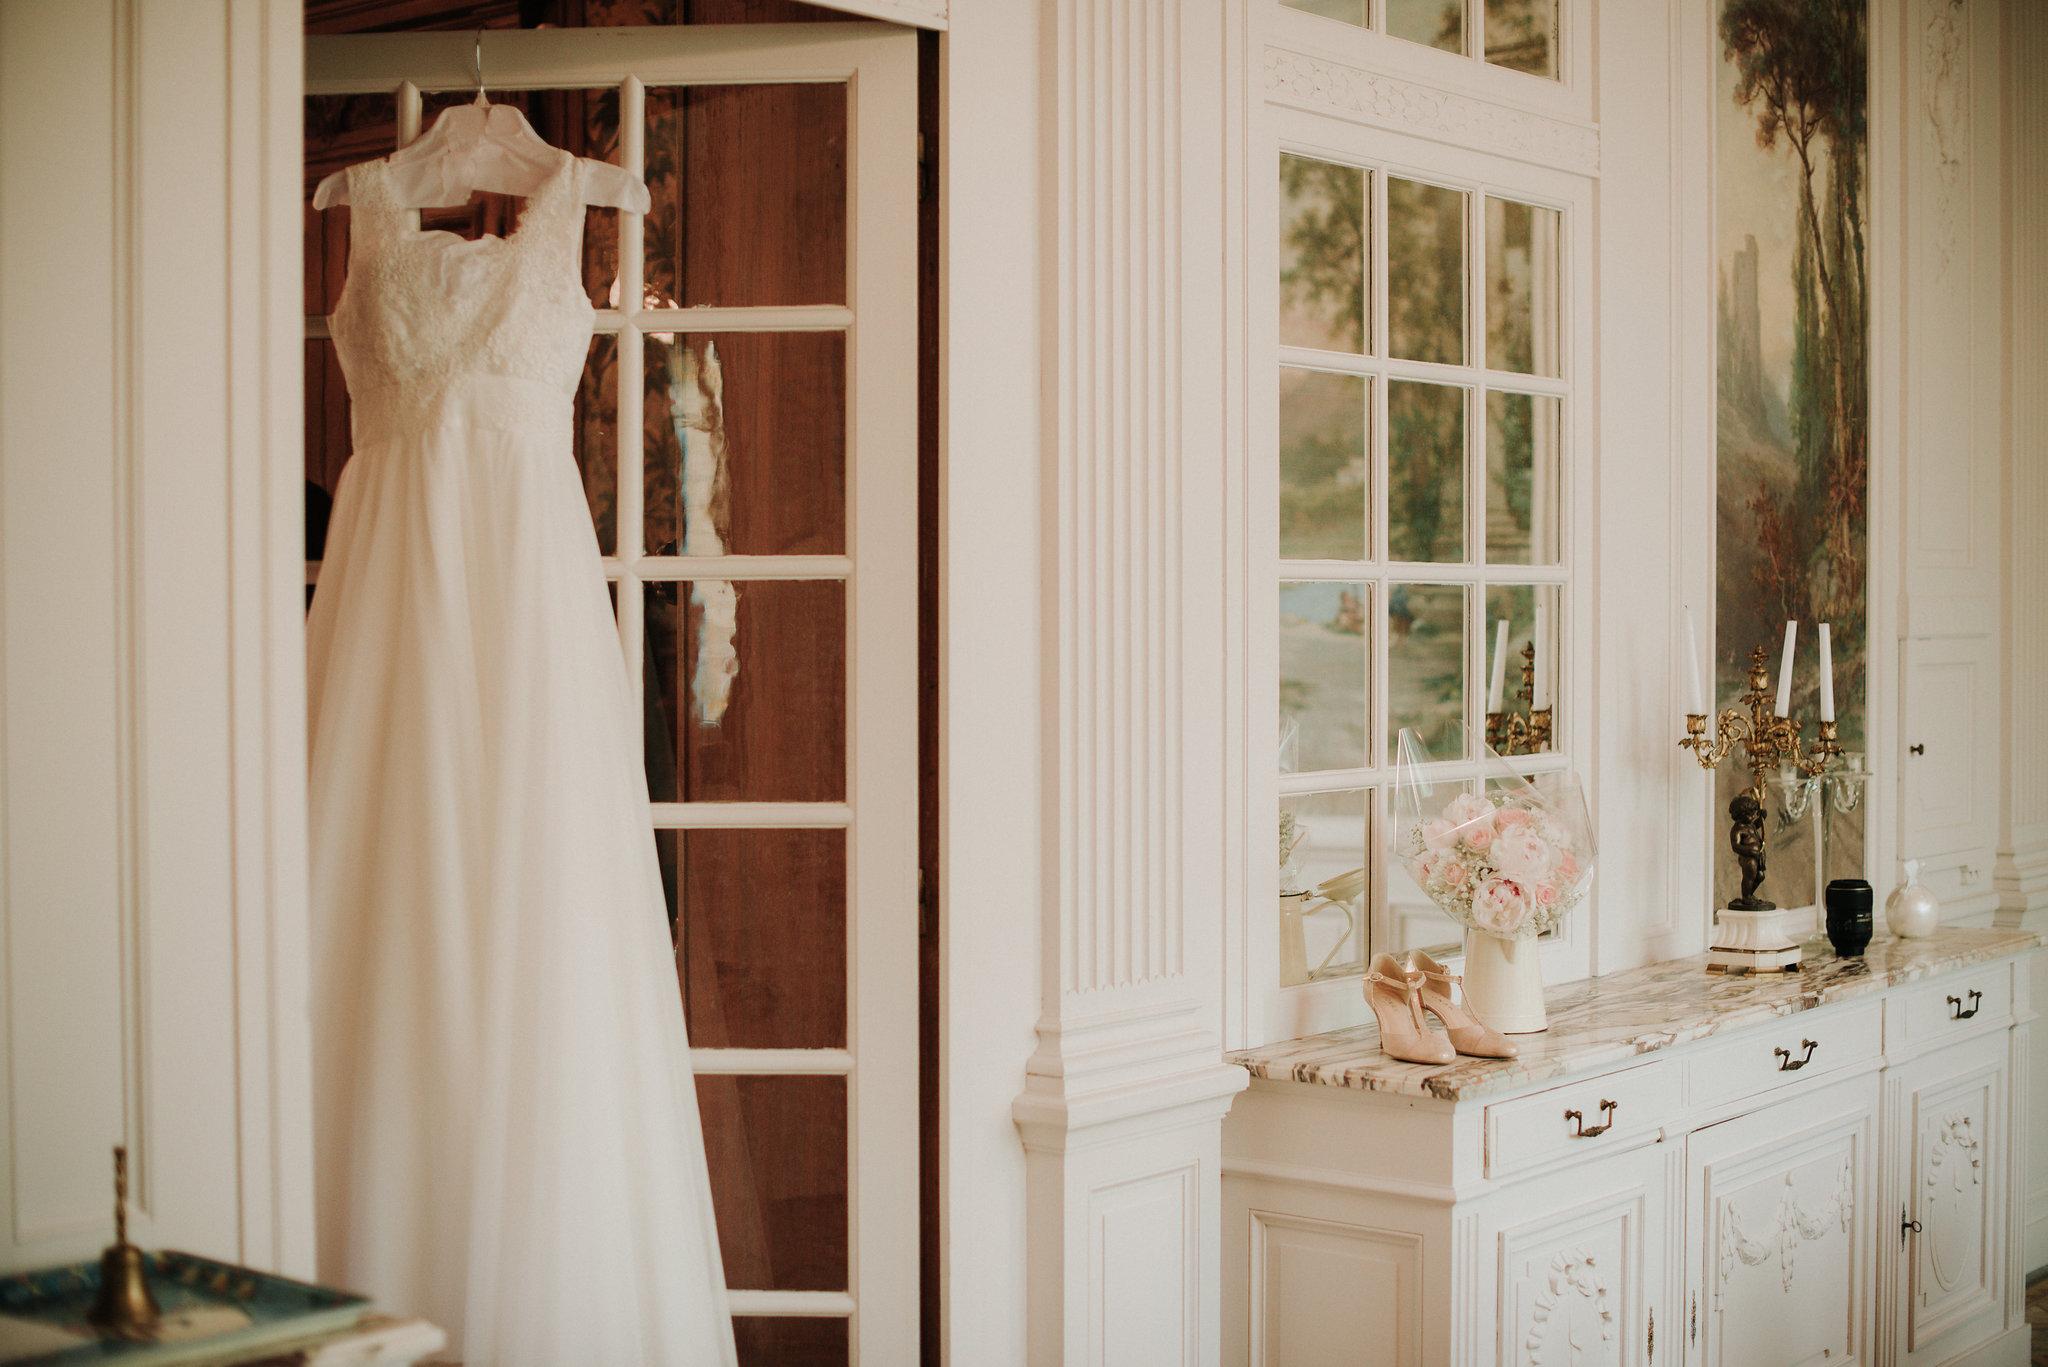 Léa-Fery-photographe-professionnel-lyon-rhone-alpes-portrait-creation-mariage-evenement-evenementiel-famille-1466.jpg